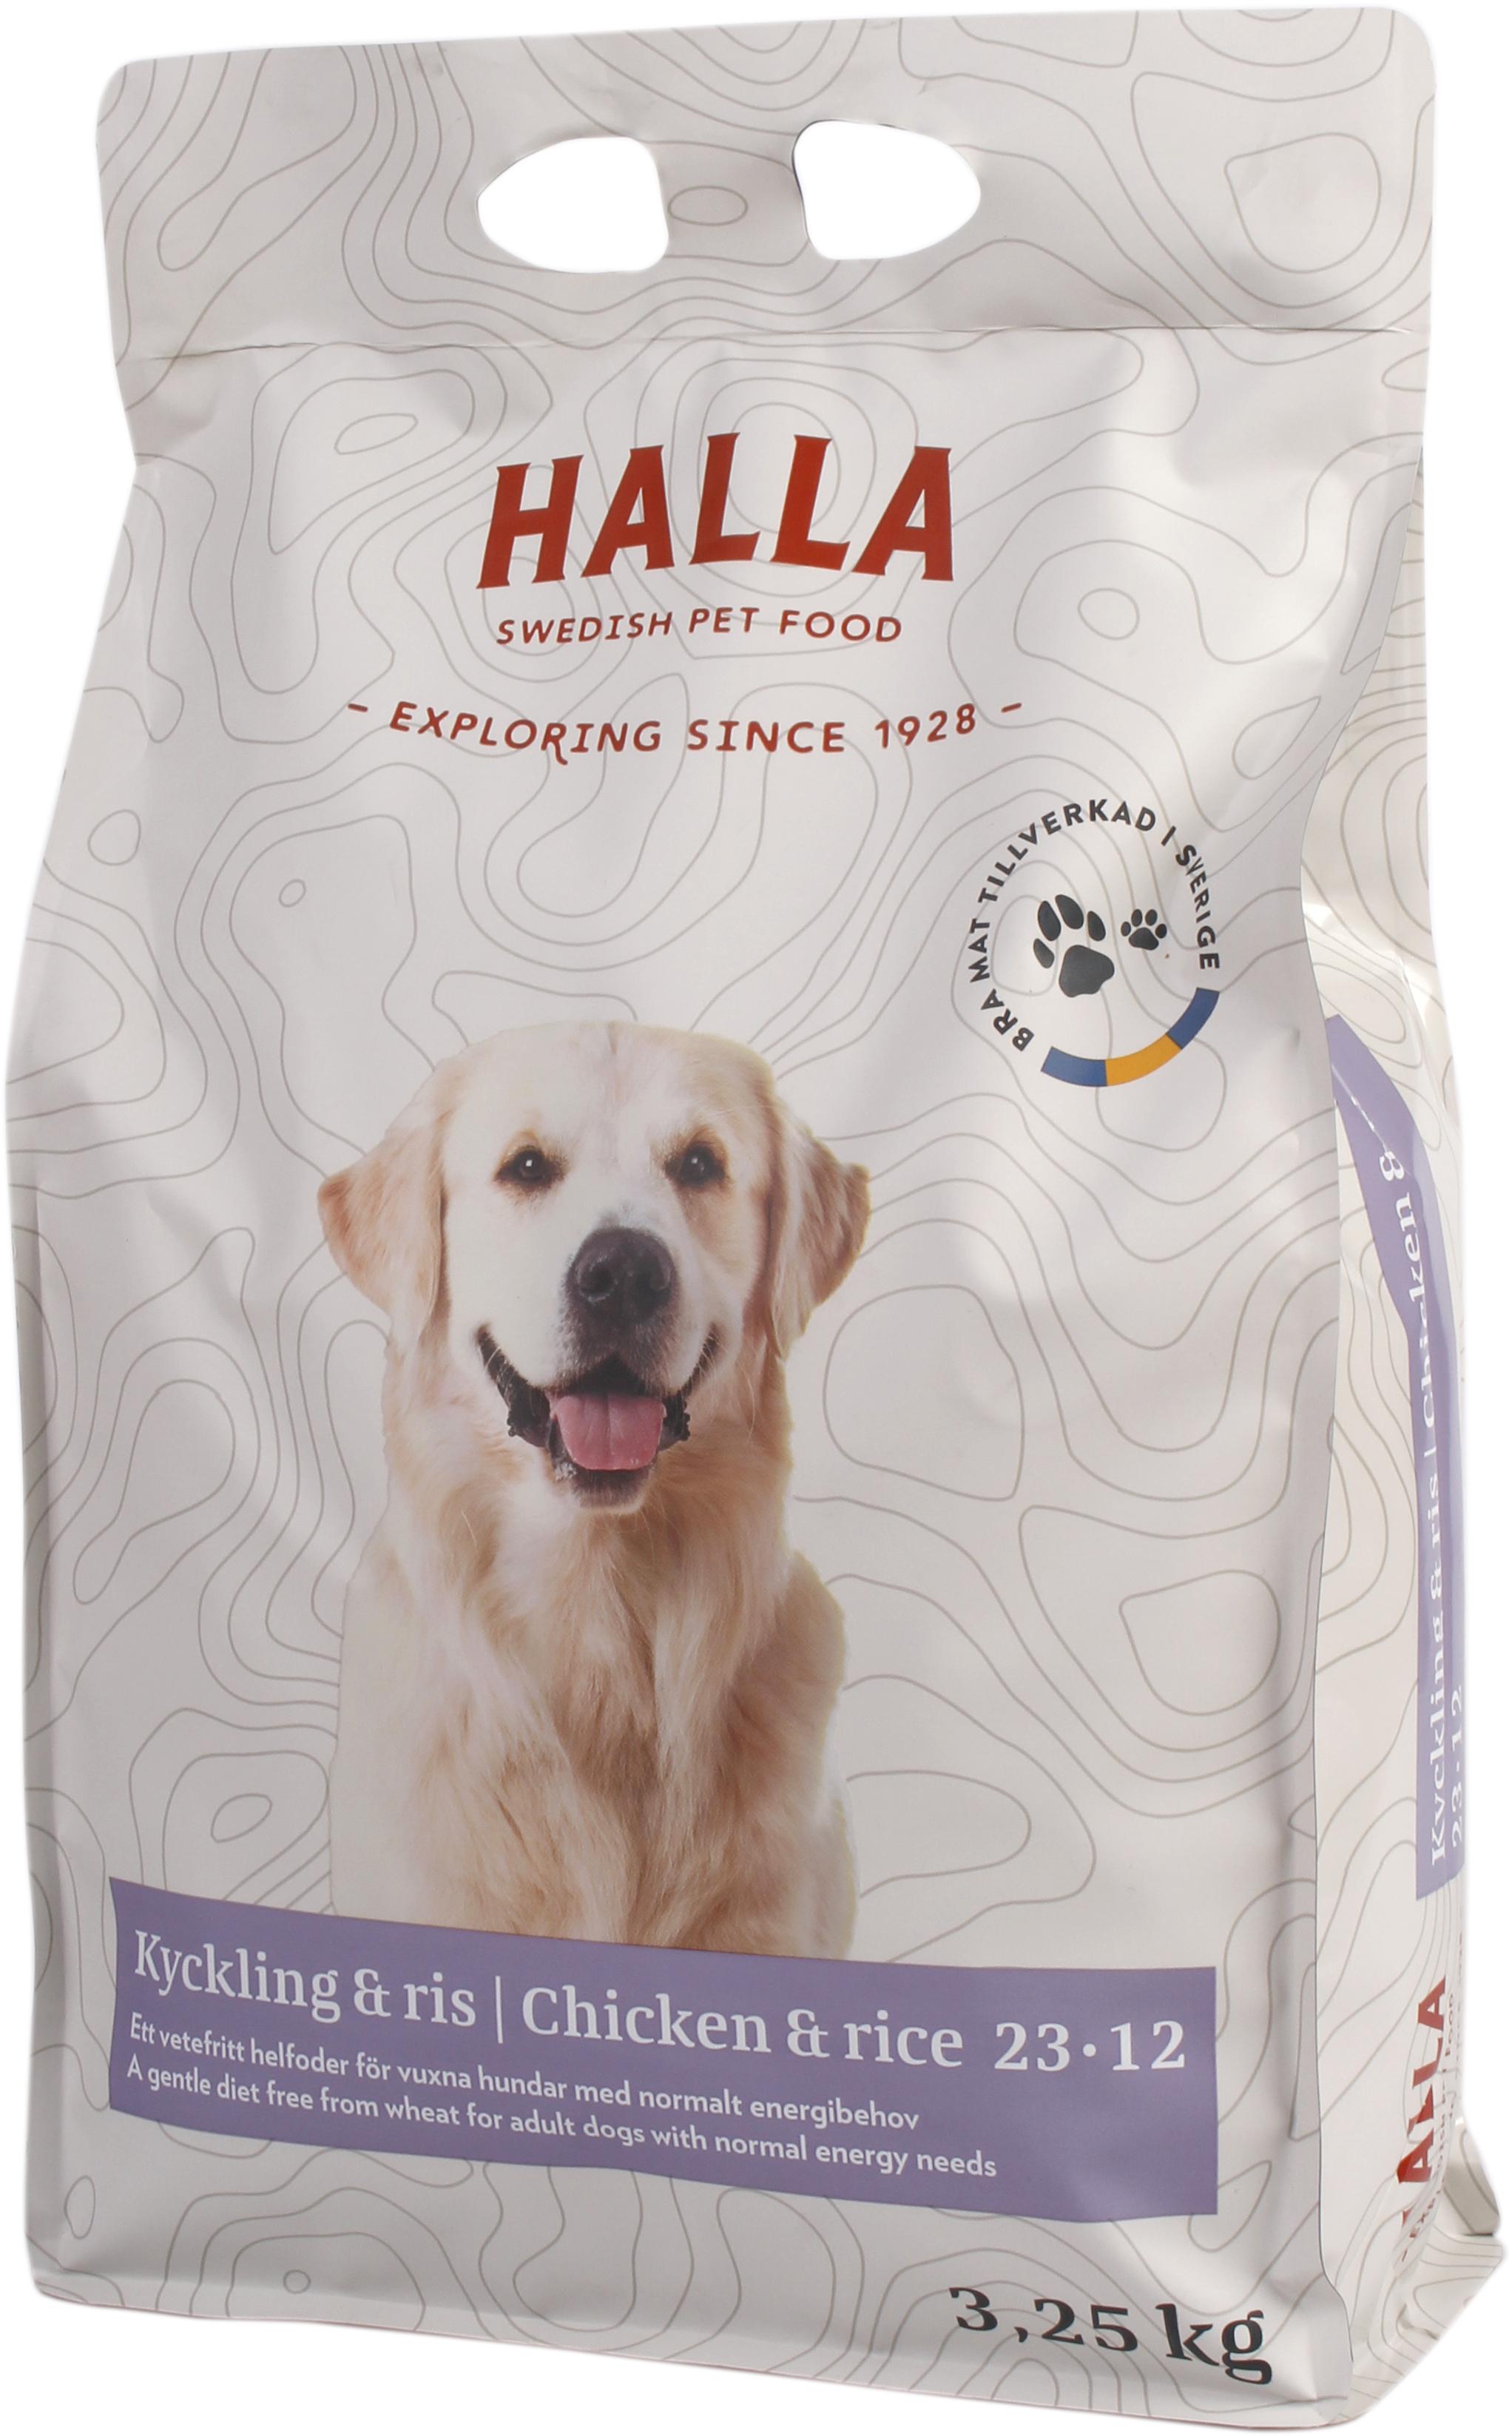 Hundfoder Halla Kyckling och Ris, 3,25 kg